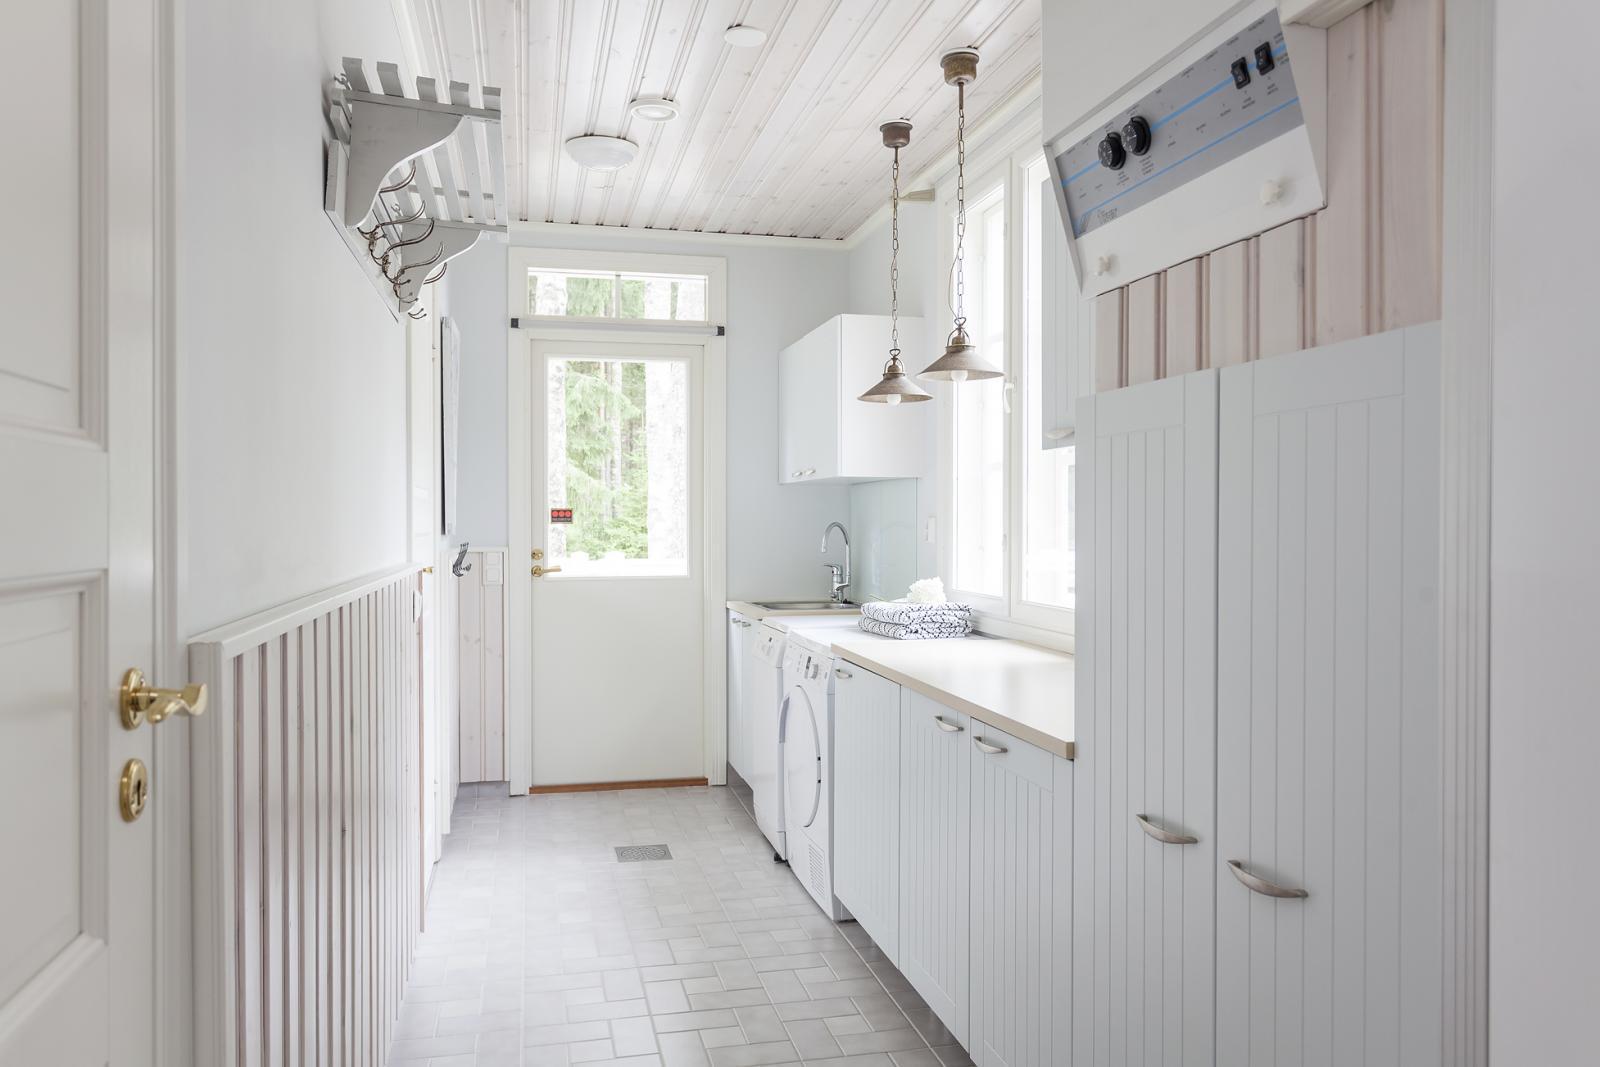 Maalaisromanttinen kodinhoitohuone  Etuovi com Ideat & vinkit